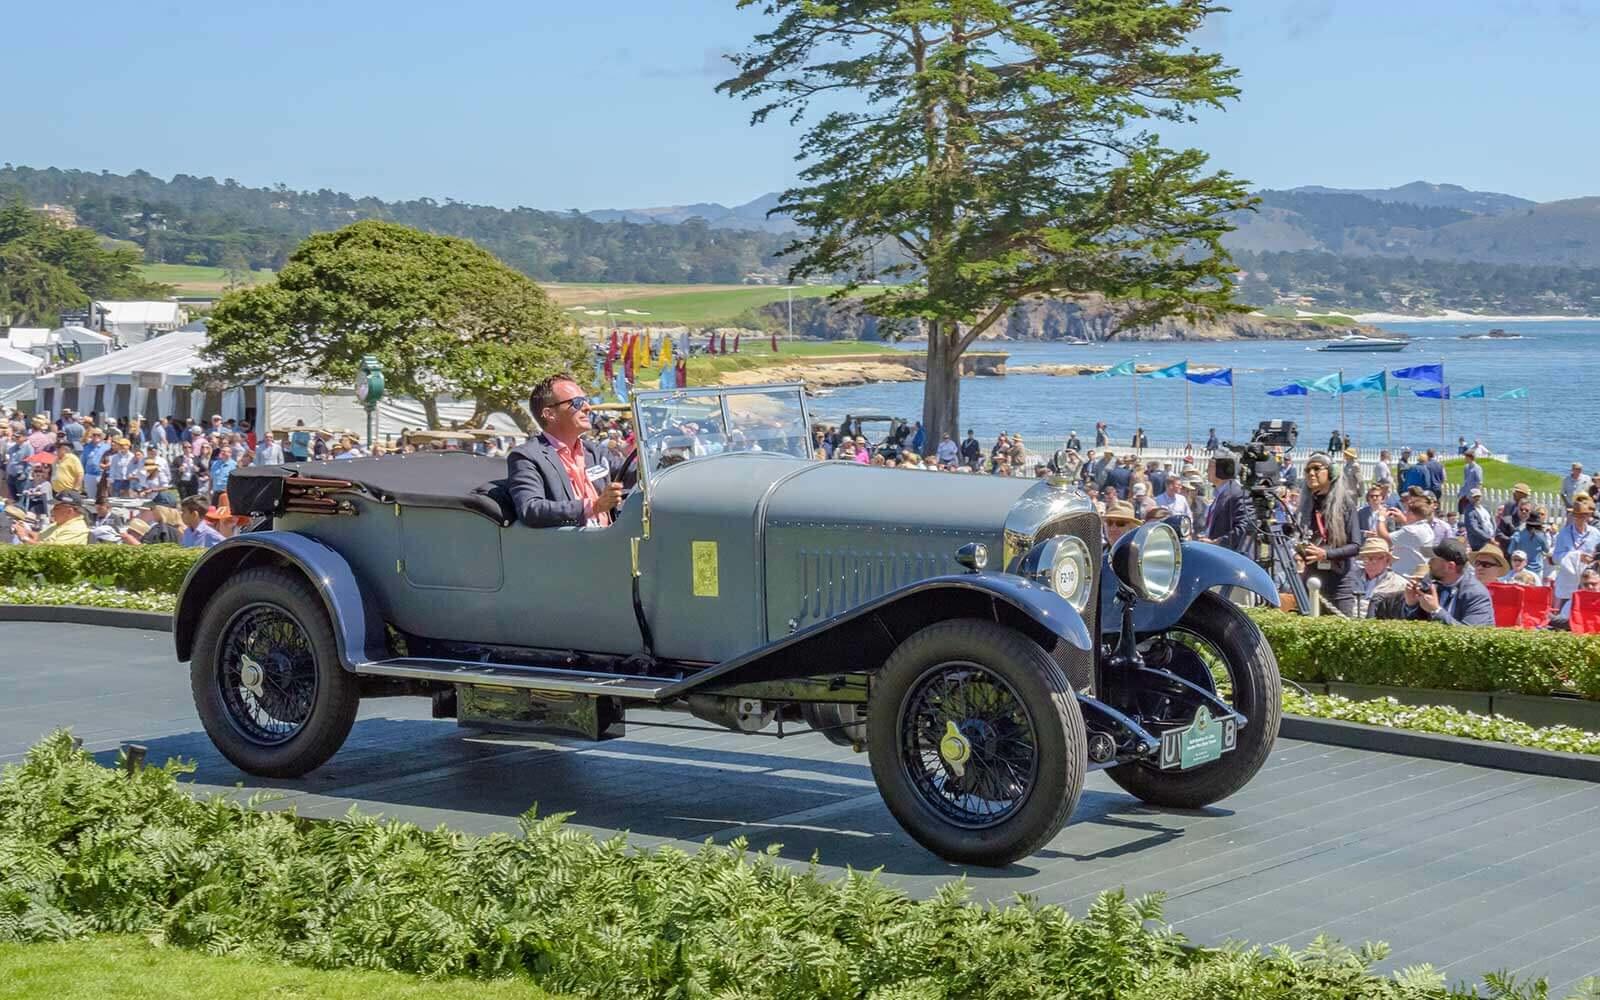 1929 Bentley 4½ Litre Vanden Plas Open Tourer